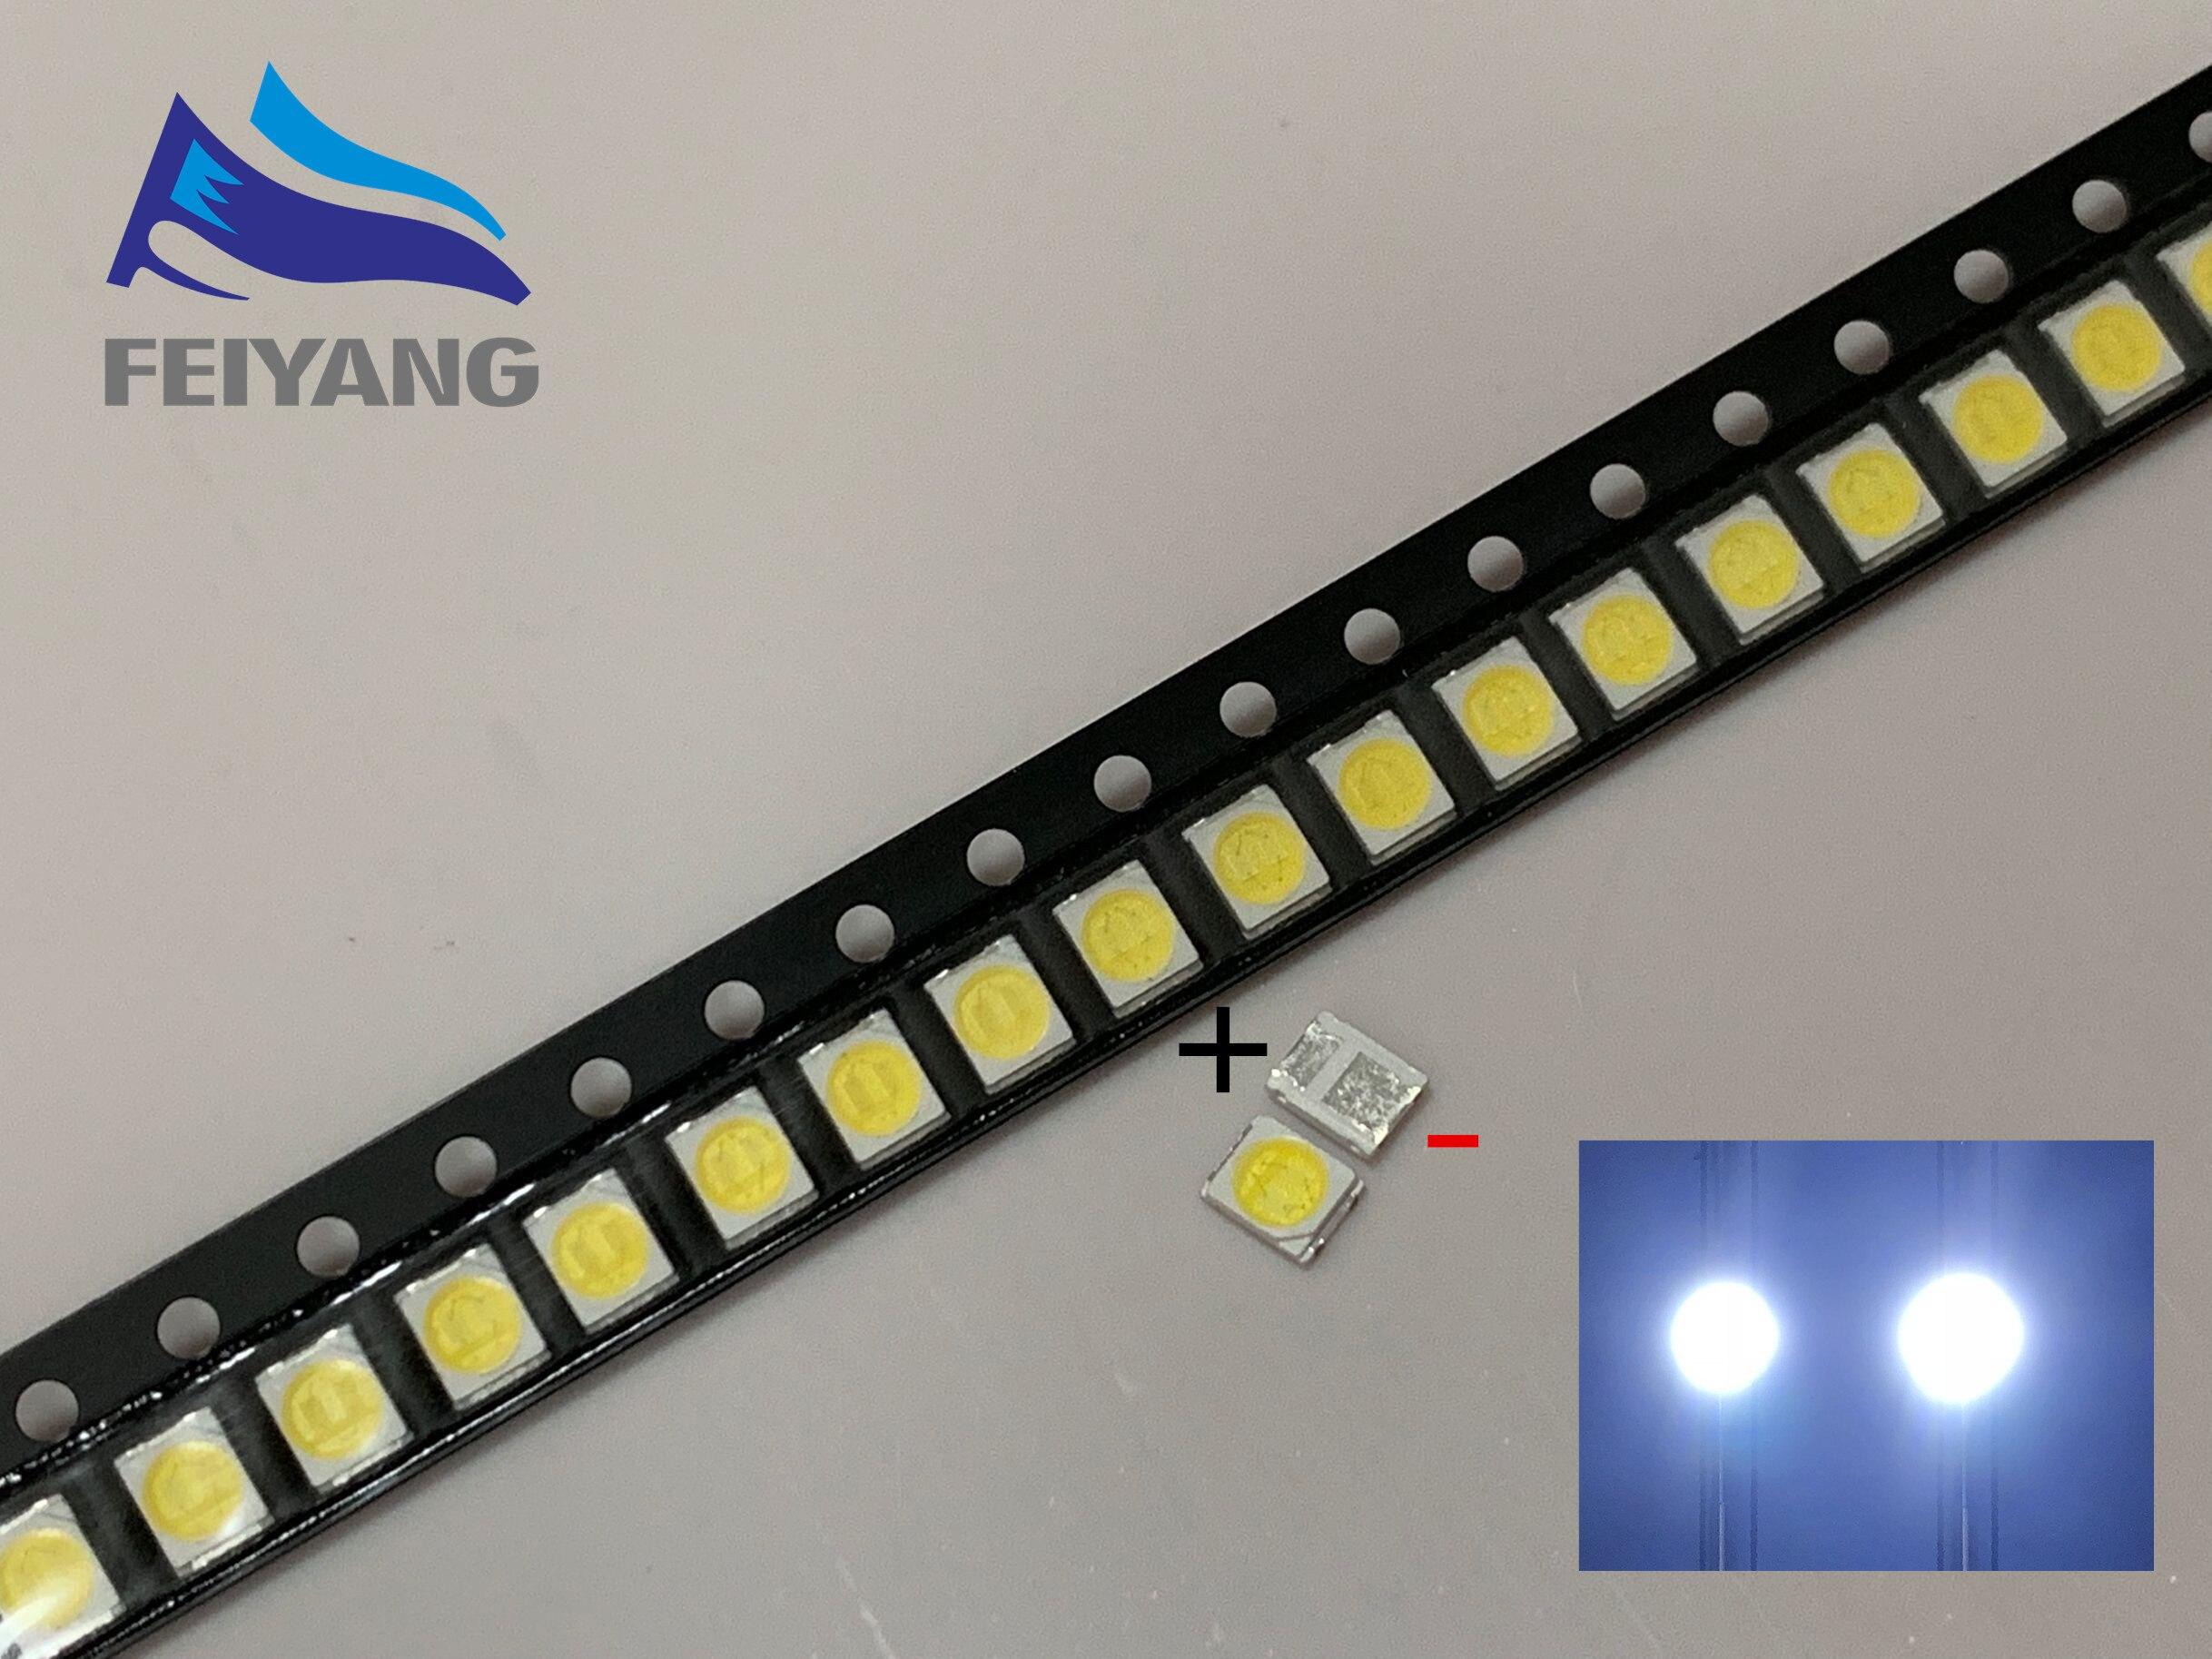 50PCS Original LEXTAR 2835 3528 1210 3V 1w-2W SMD LED For Repair TV Backlight Cold white LCD Backlight LED